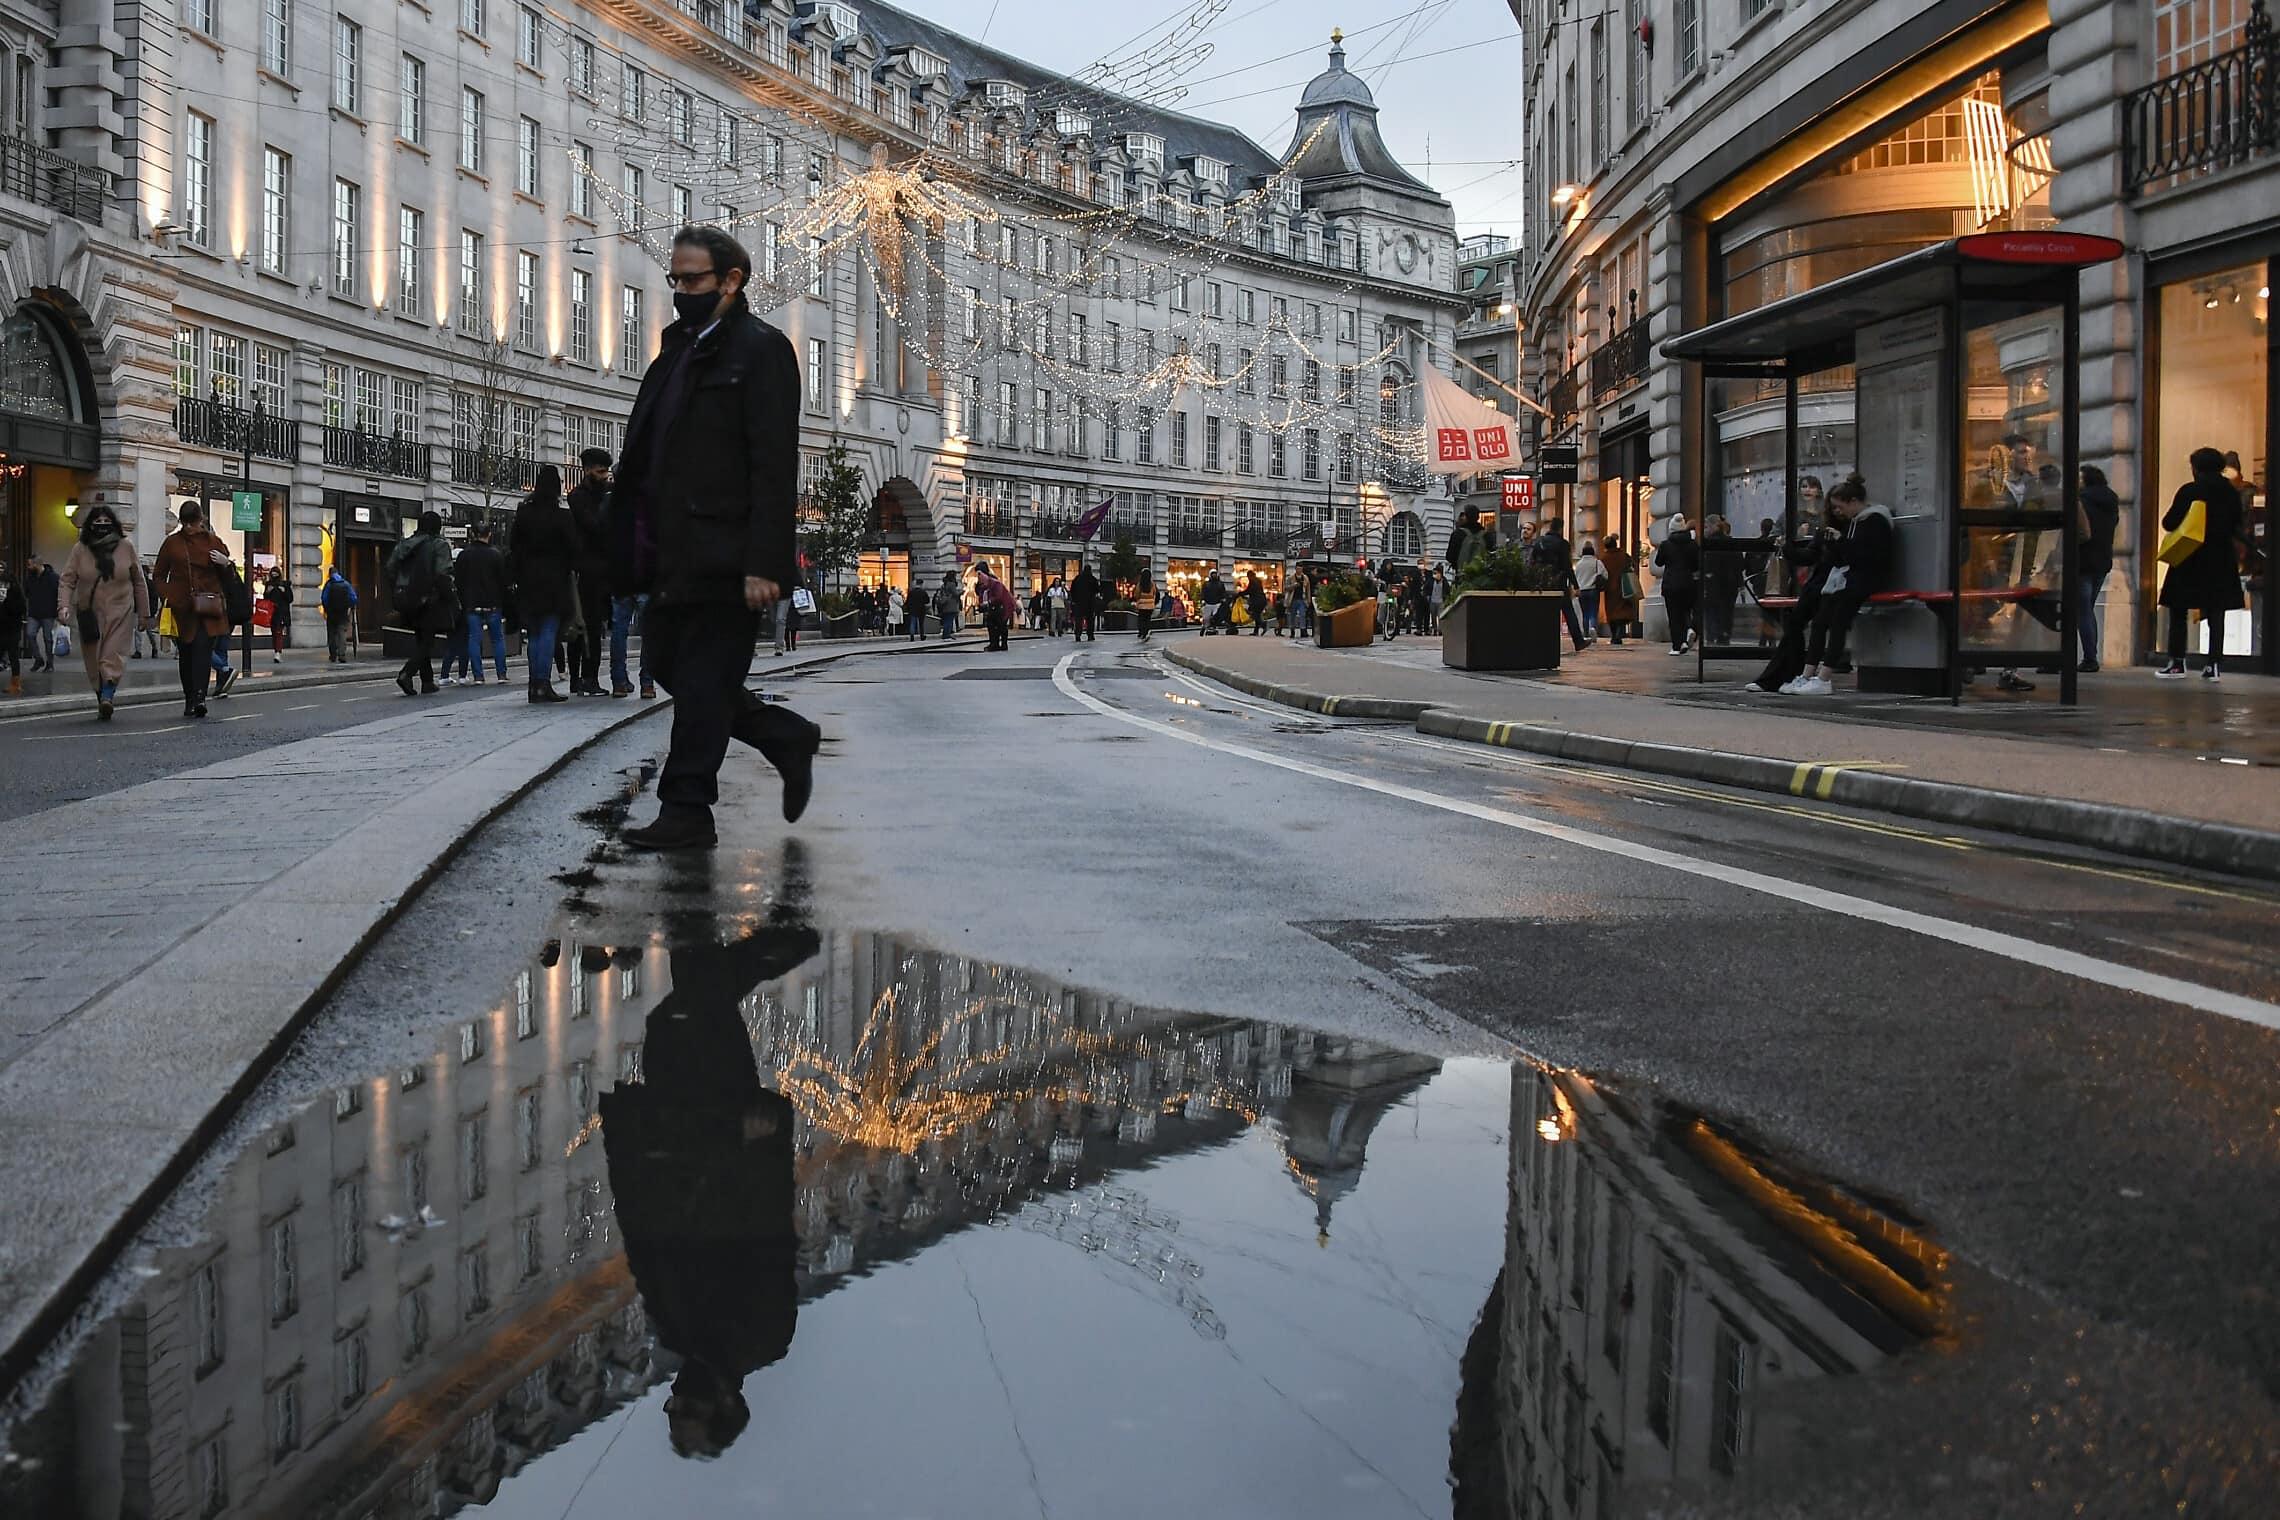 רחוב ריג'נט בלונדון, השבוע (צילום: AP Photo/Alberto Pezzali)